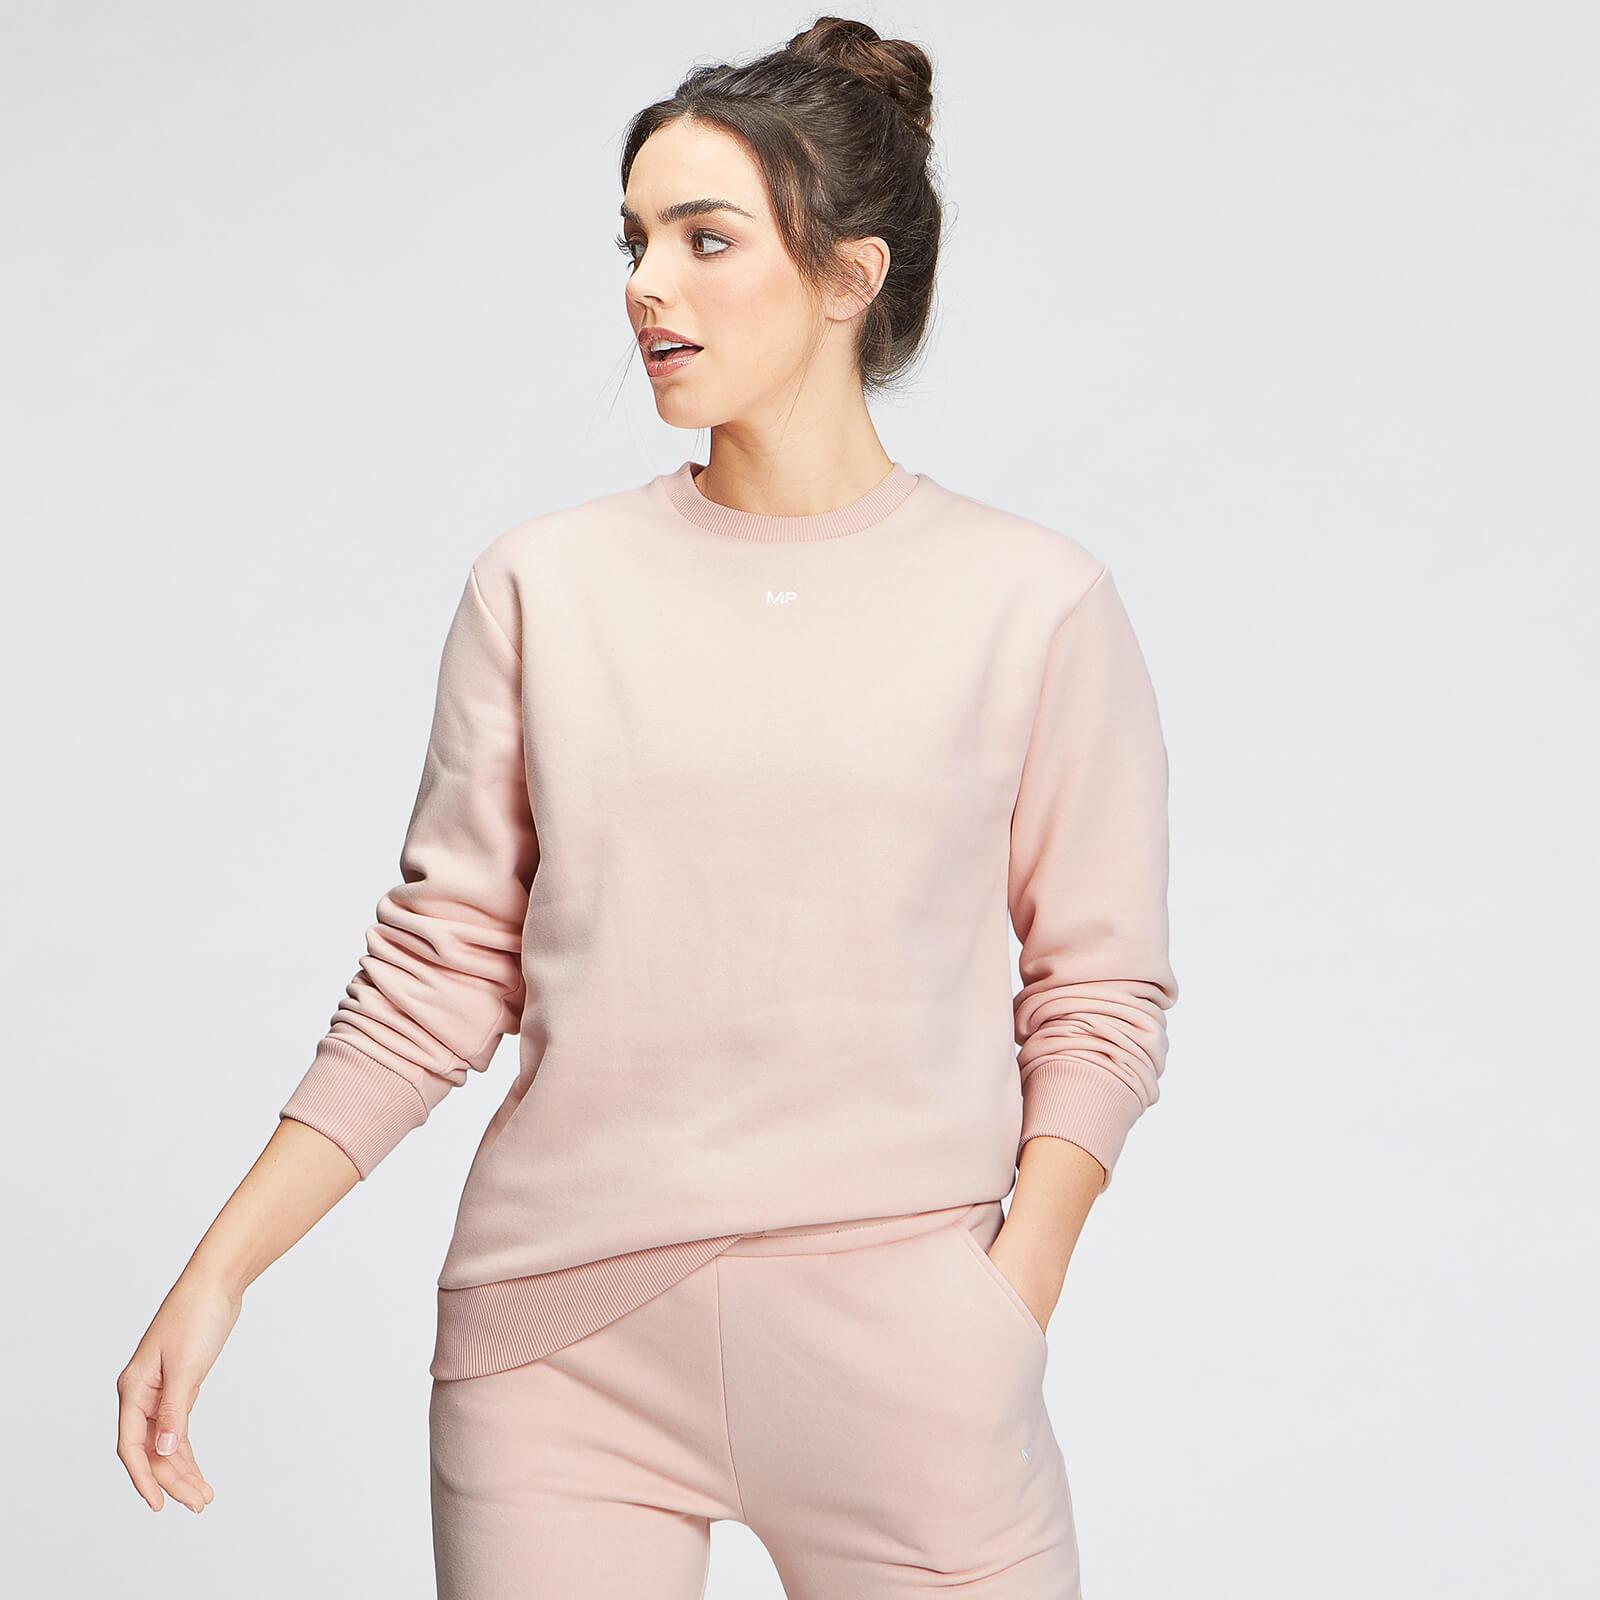 Купить MP Essentials Women's Sweatshirt - Light Pink - XXS, Myprotein International